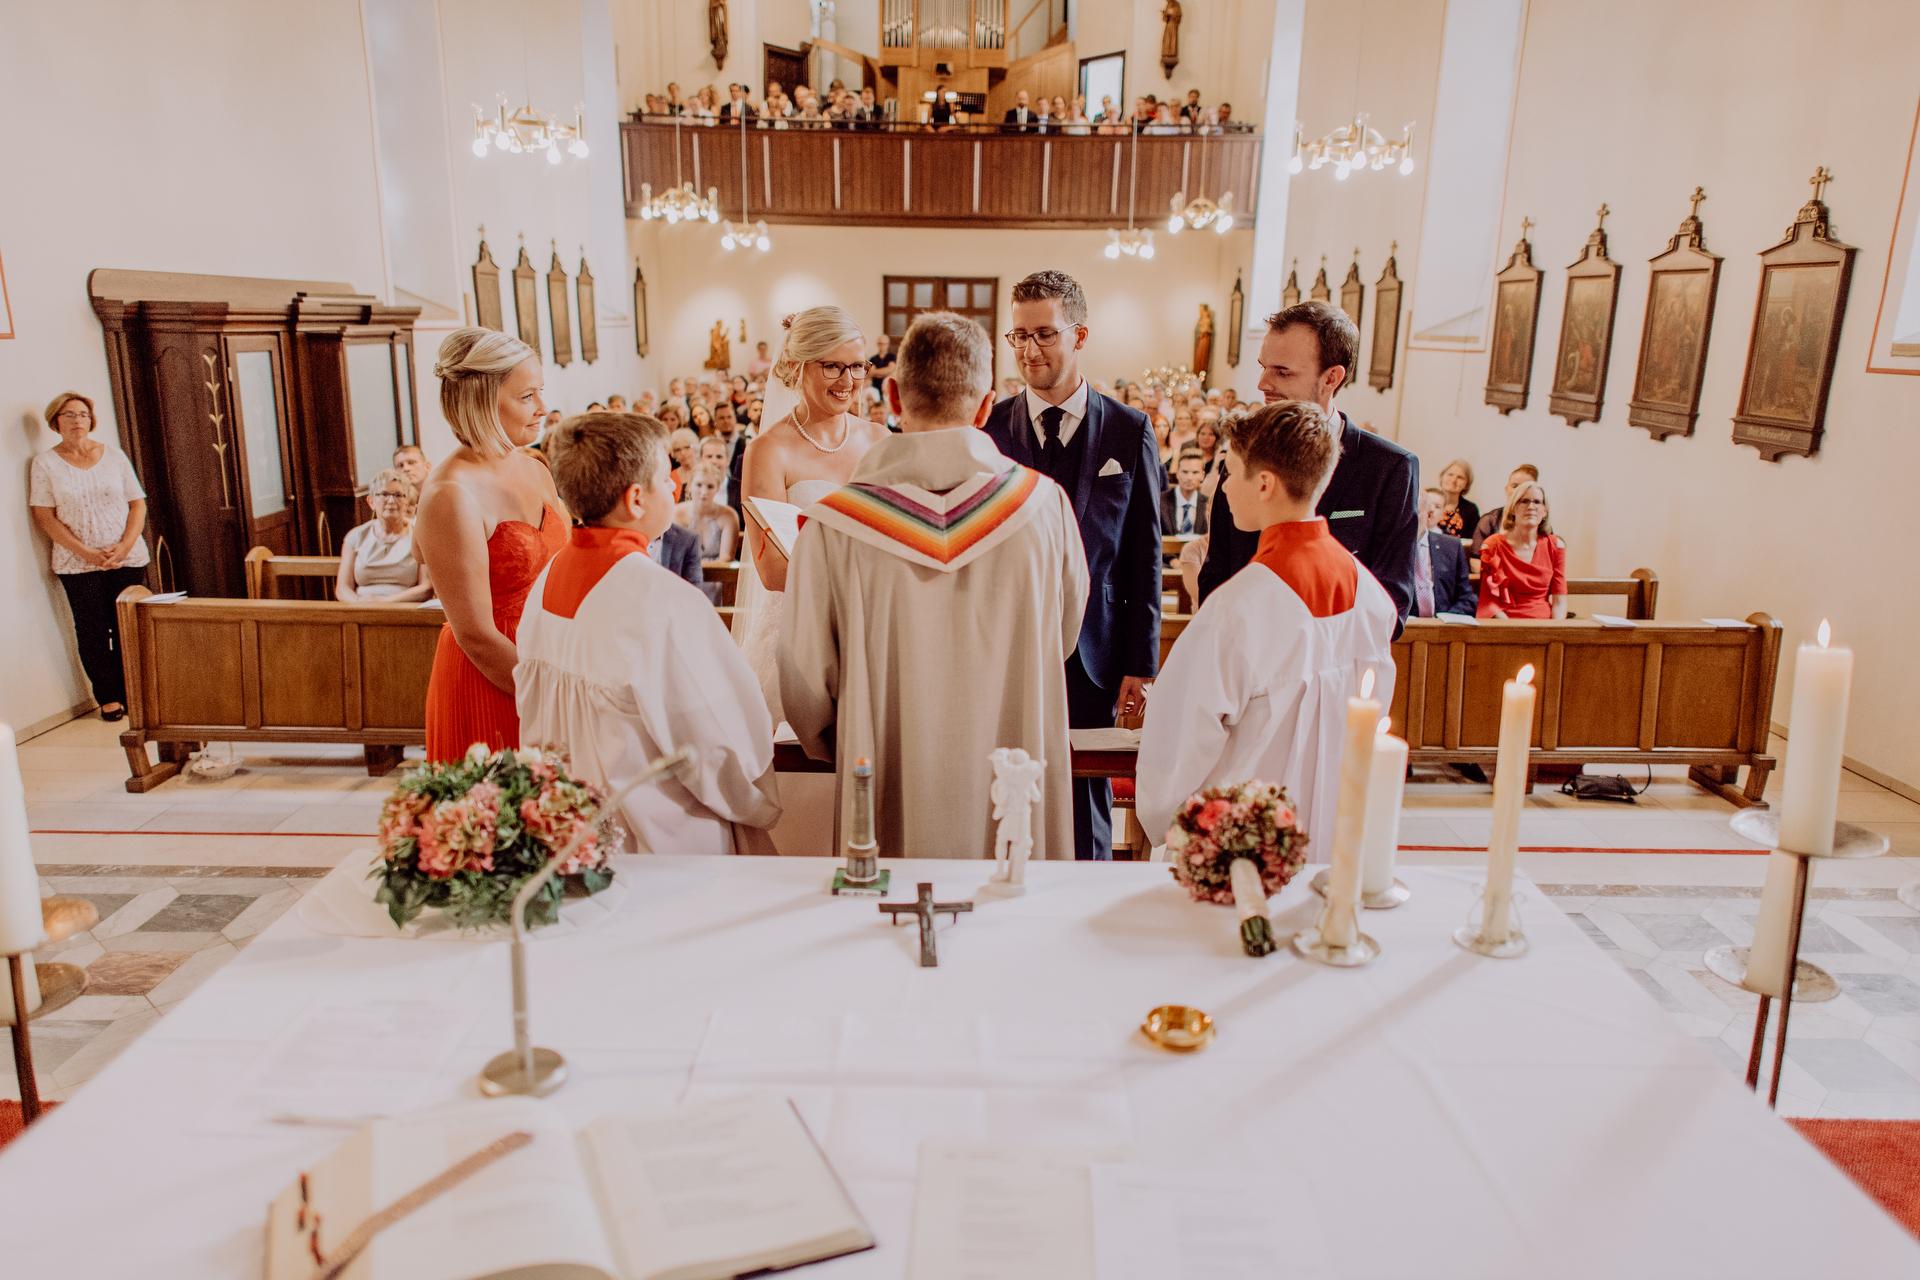 Hzt-Julia-Johannes-Kirche-08-2018-049